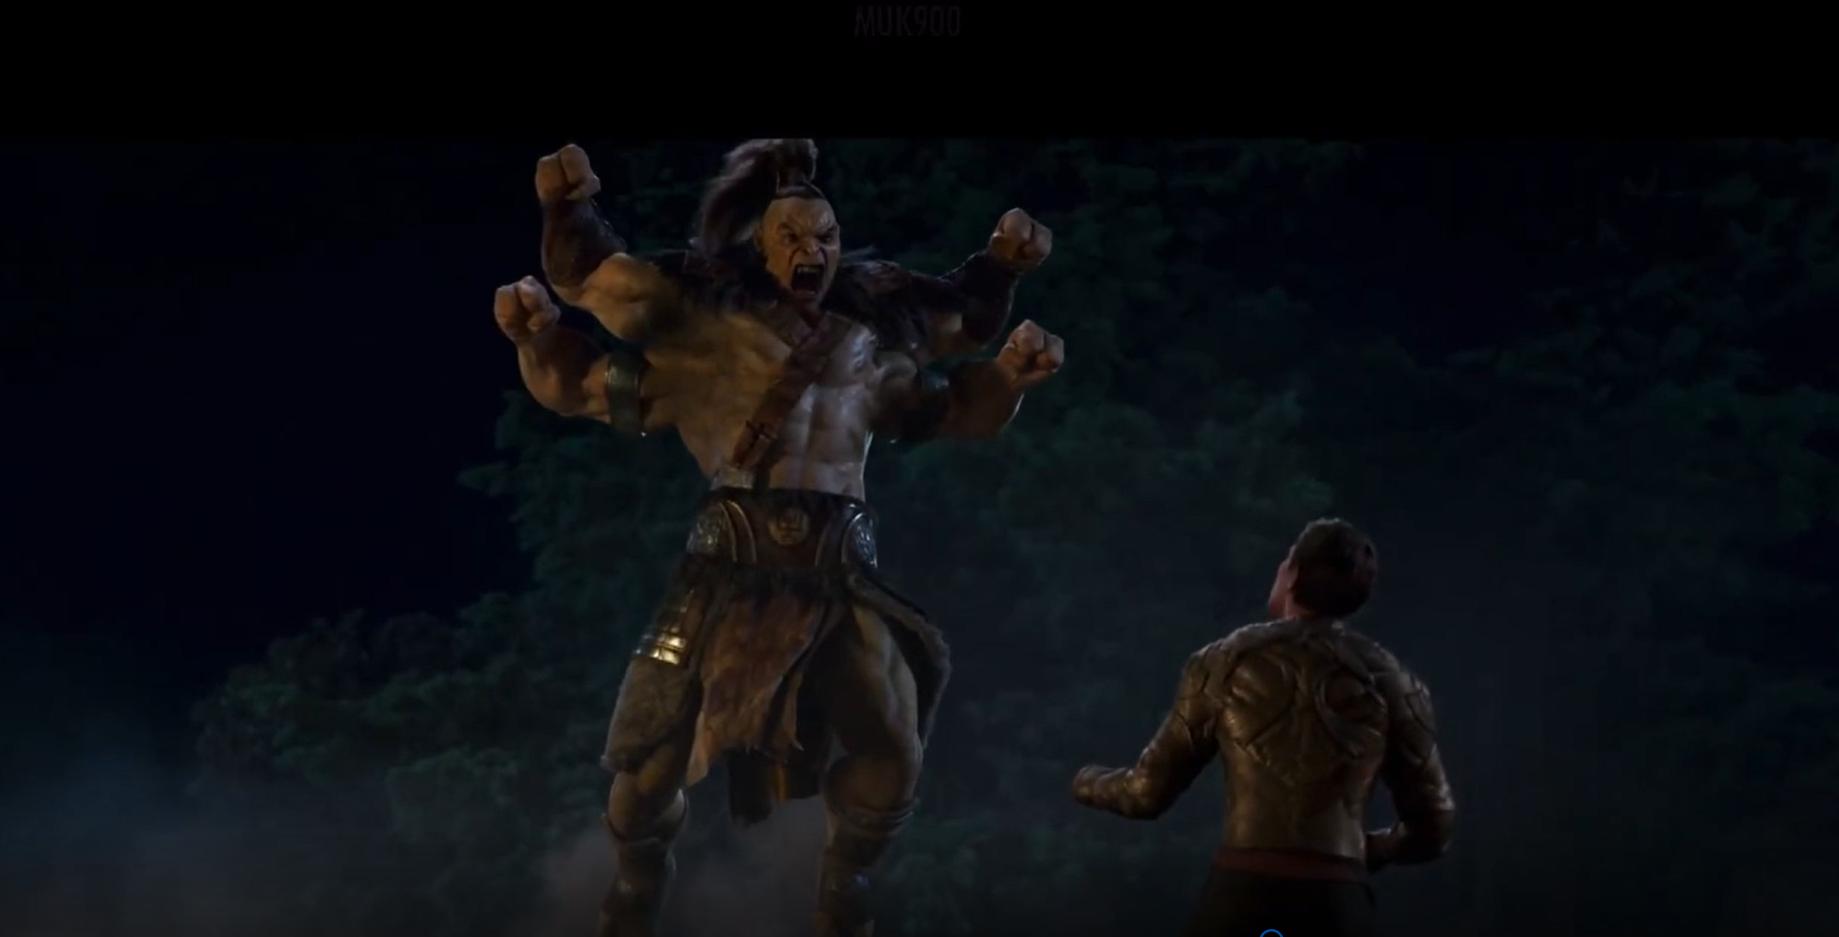 """Кадр із фільму """"Смертельна битва"""" (Mortal Kombat)"""